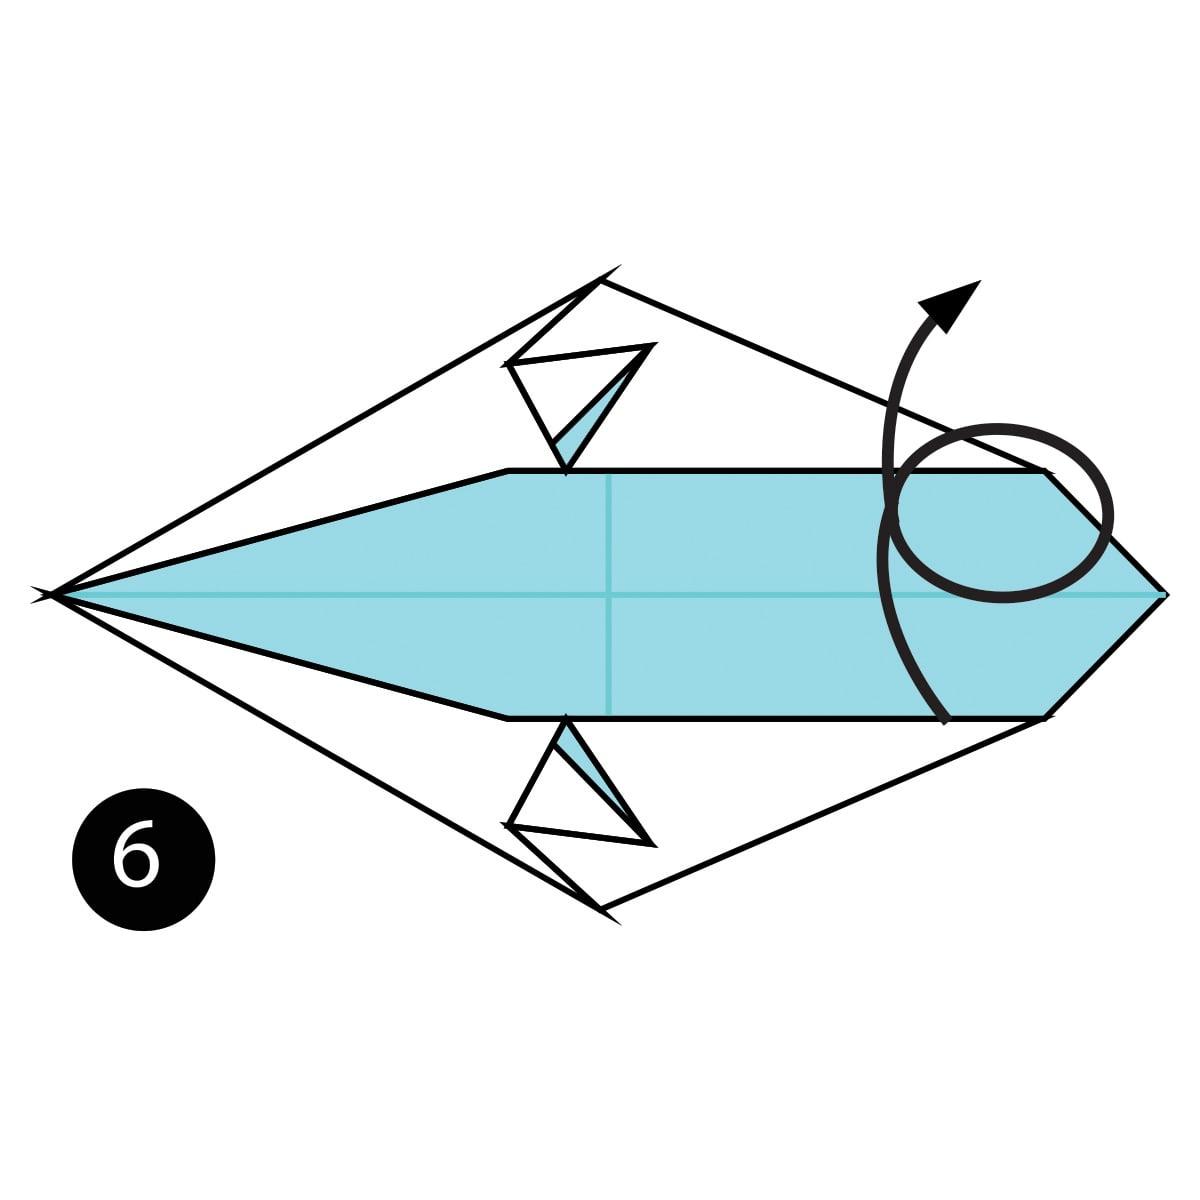 Blowfish Step 6